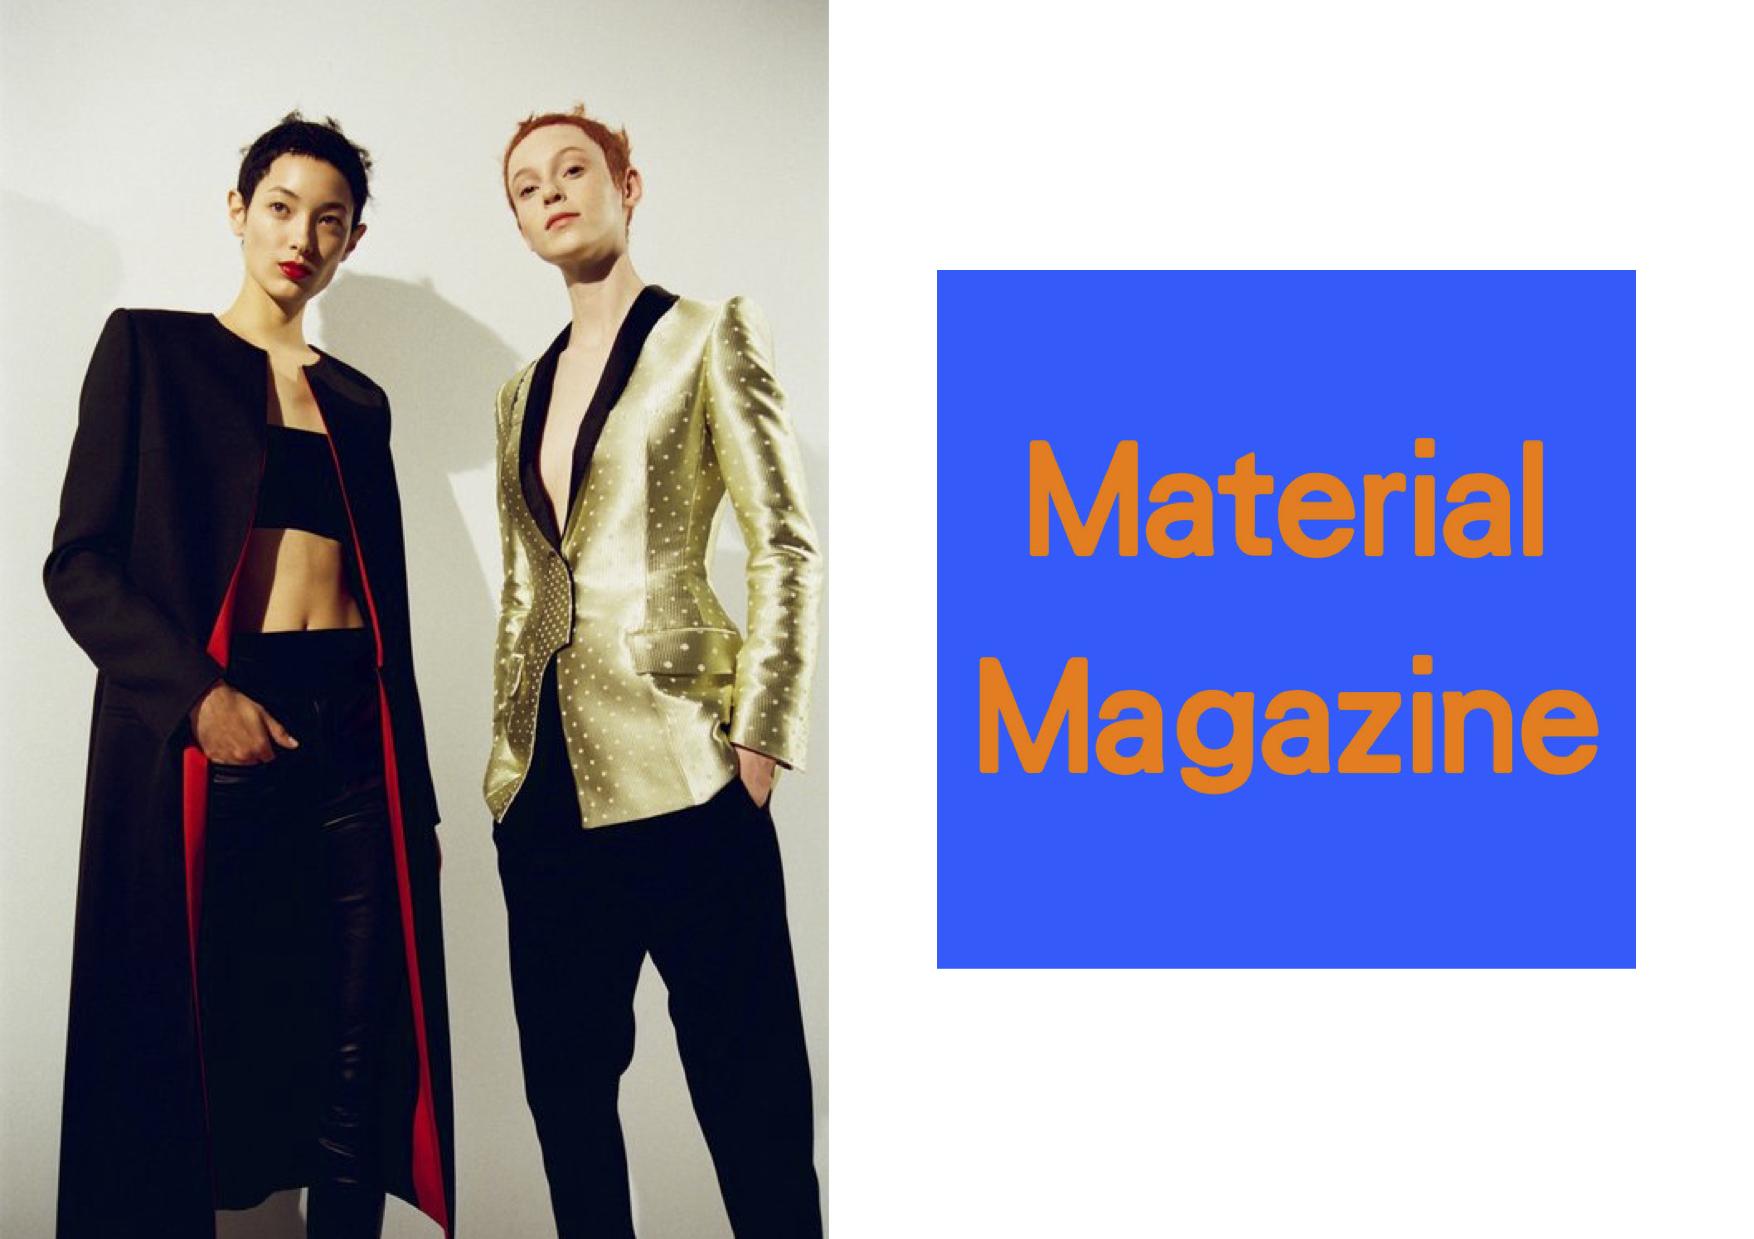 Material Magazine